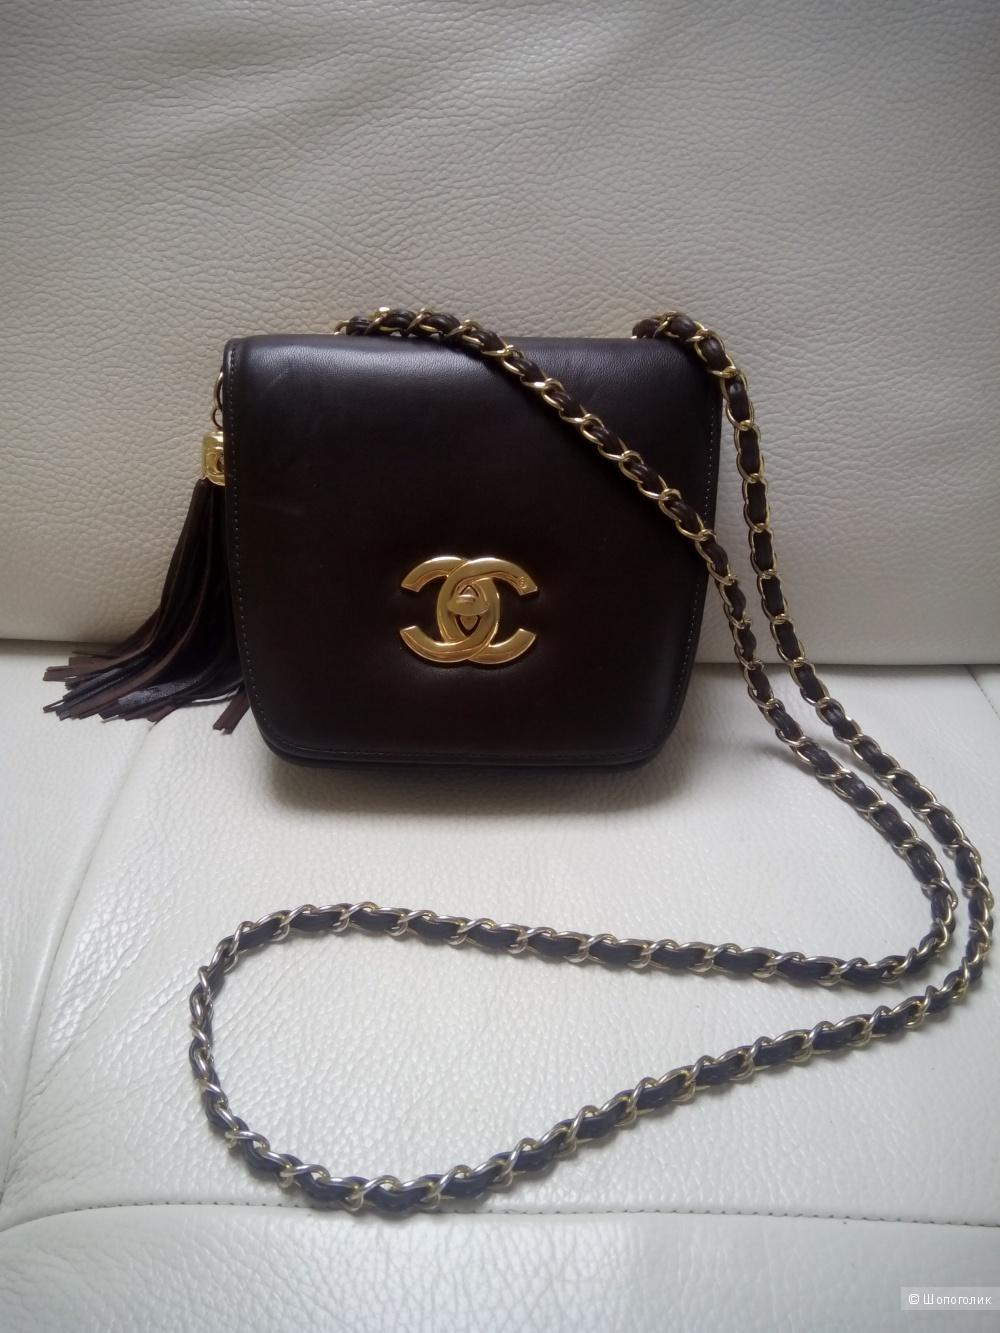 Сумка реплика Chanel на цепочке, кроссбоди, шоколадного цвета, натуральная кожа